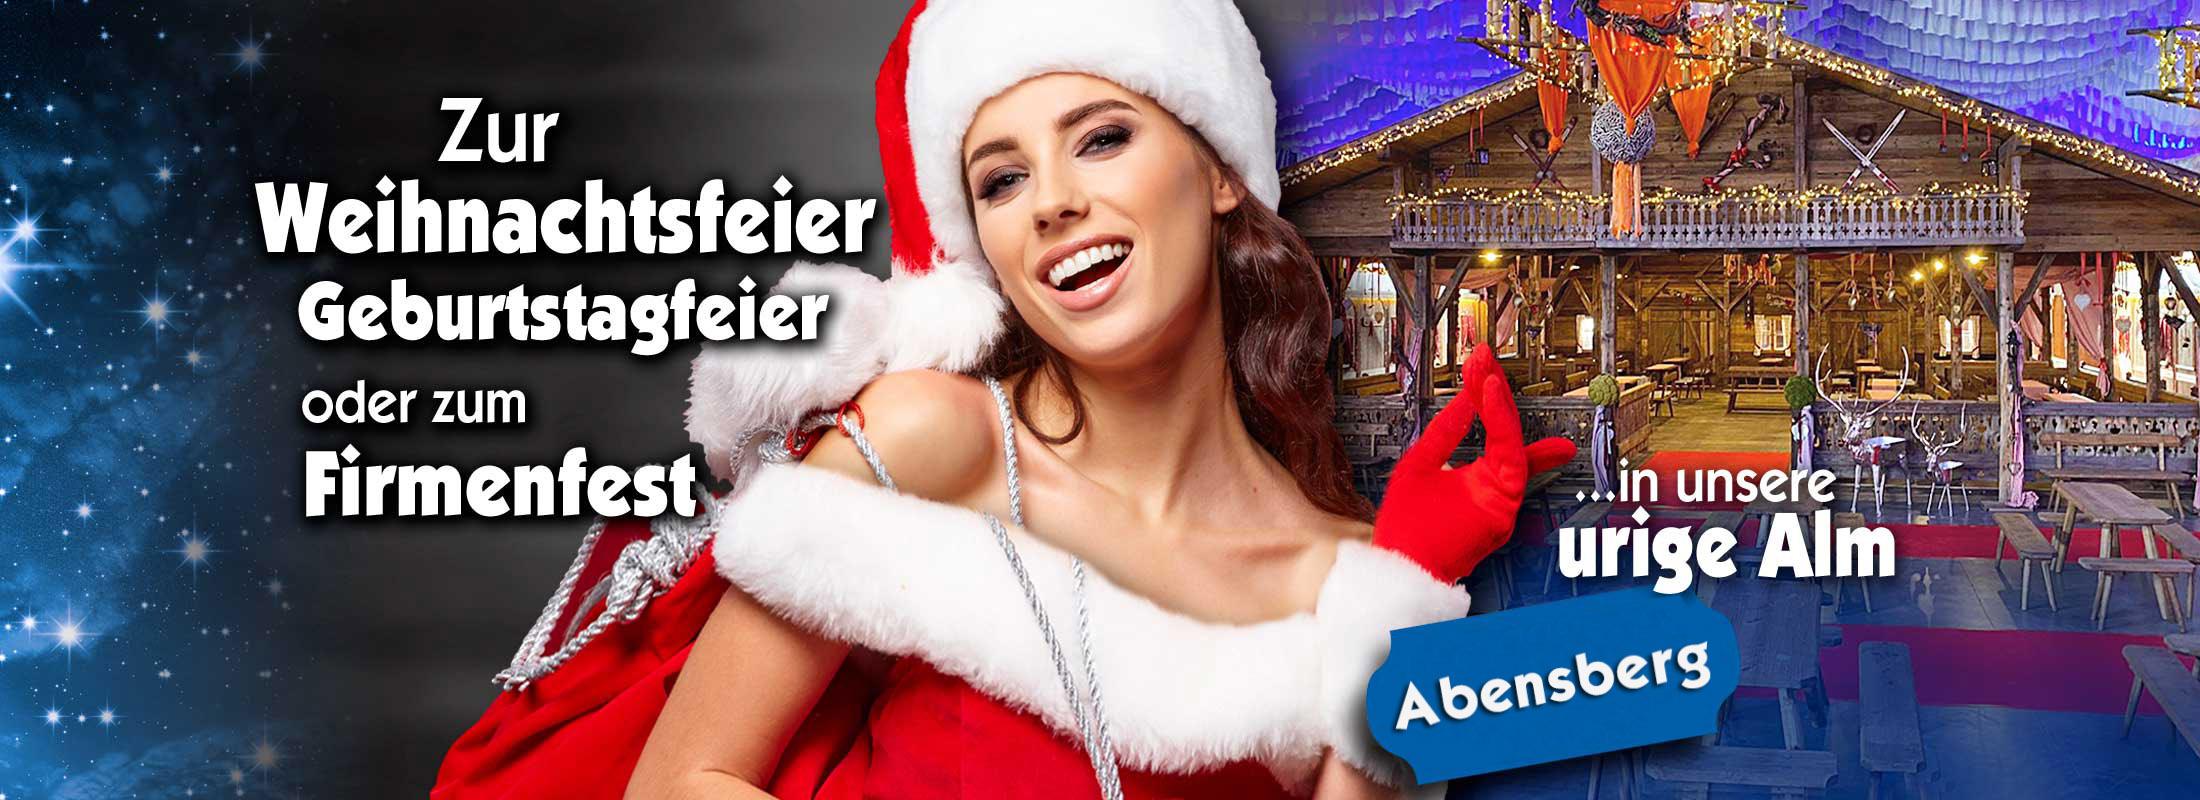 Weihnachtsfeier_Christkindlmarkt_Abensberg_Bayern_Lebkuchen_Christmarkt_2020-b